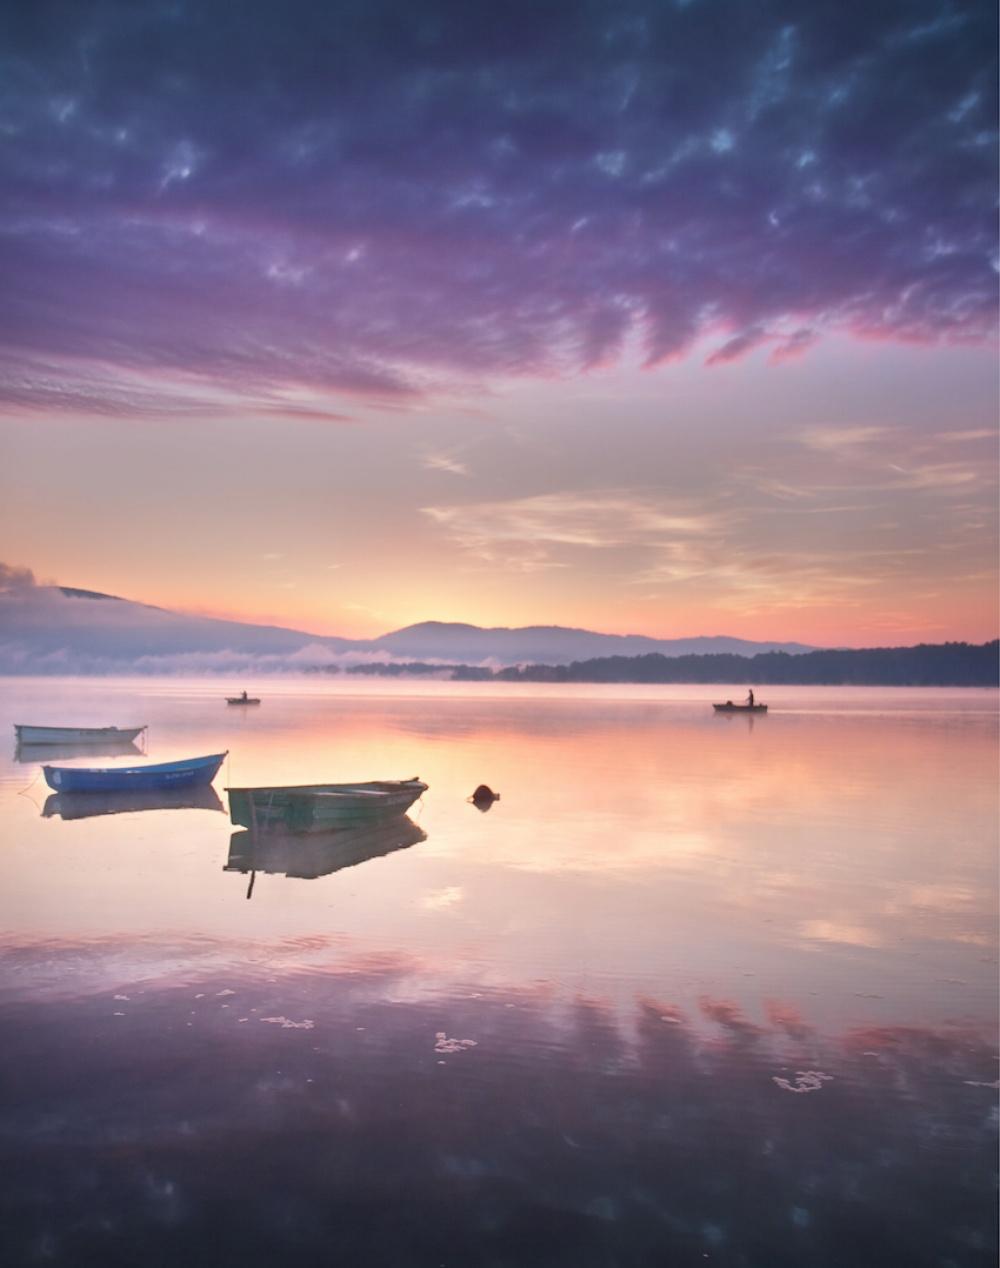 © Marcin Sobas/REX/Shutterstock  Туманный рассвет наозерах польской Силезии. (Еще больше озер